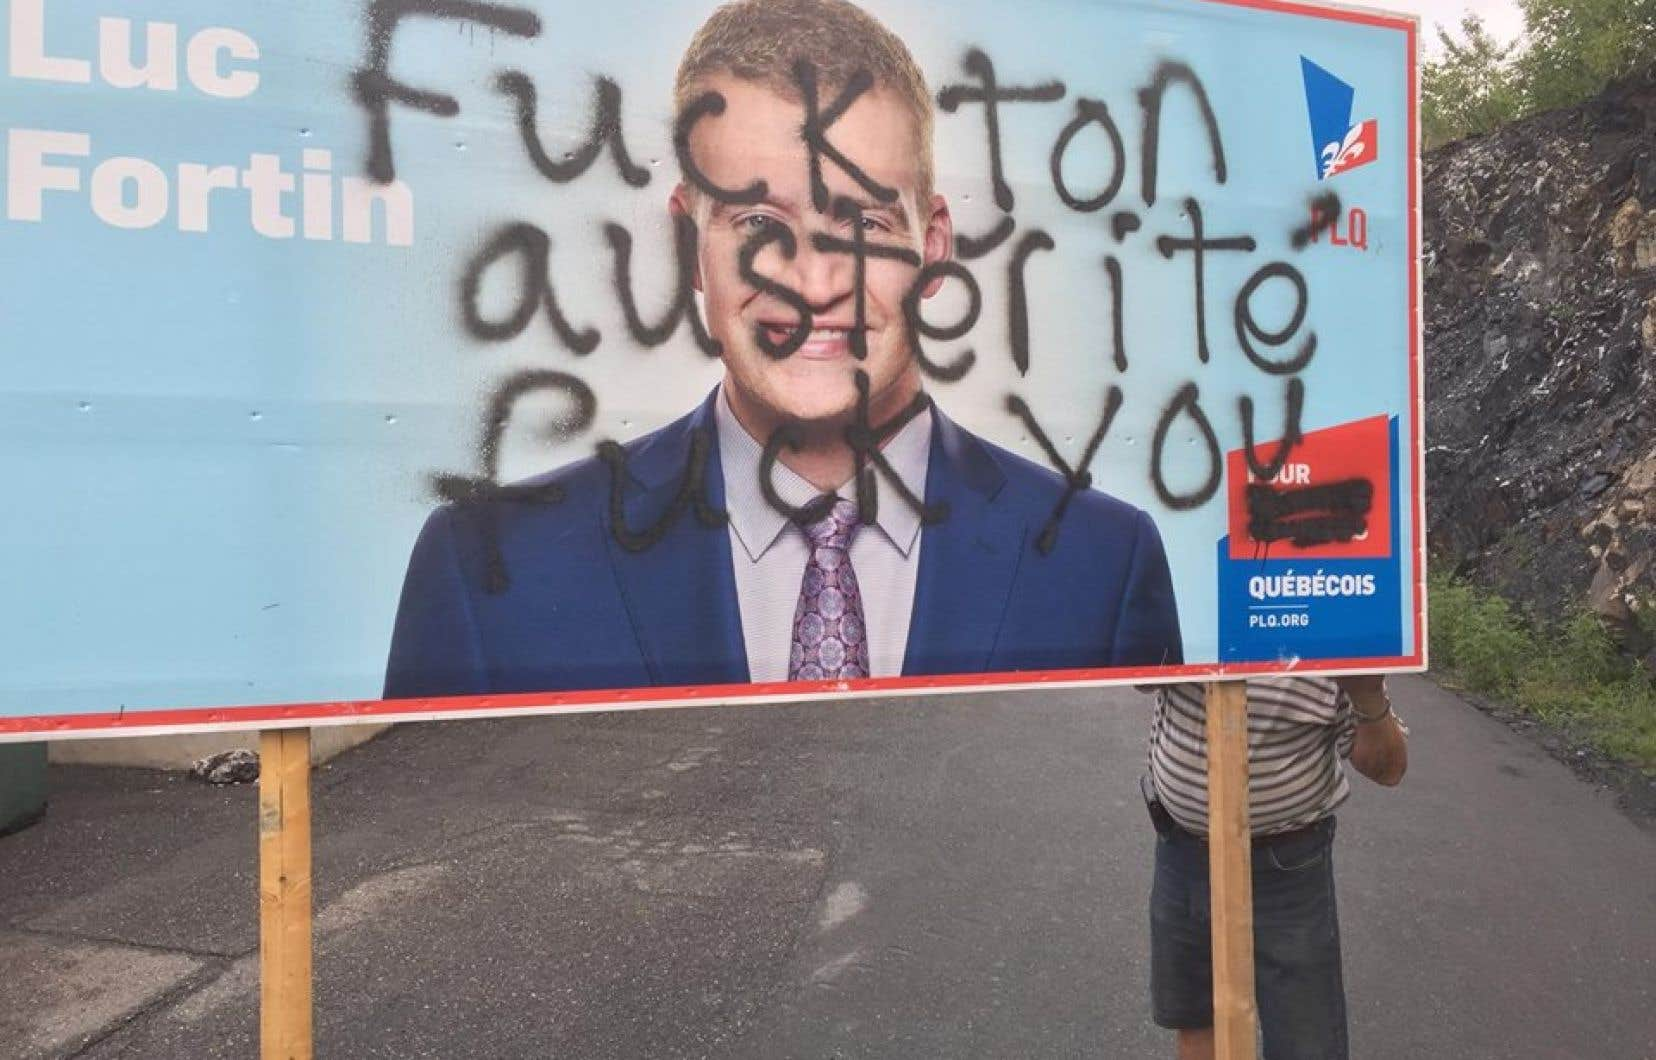 Luc Fortin a publié sur sa page Facebook une photographie illustrant les dommages infligés à l'une de ses affiches électorales.